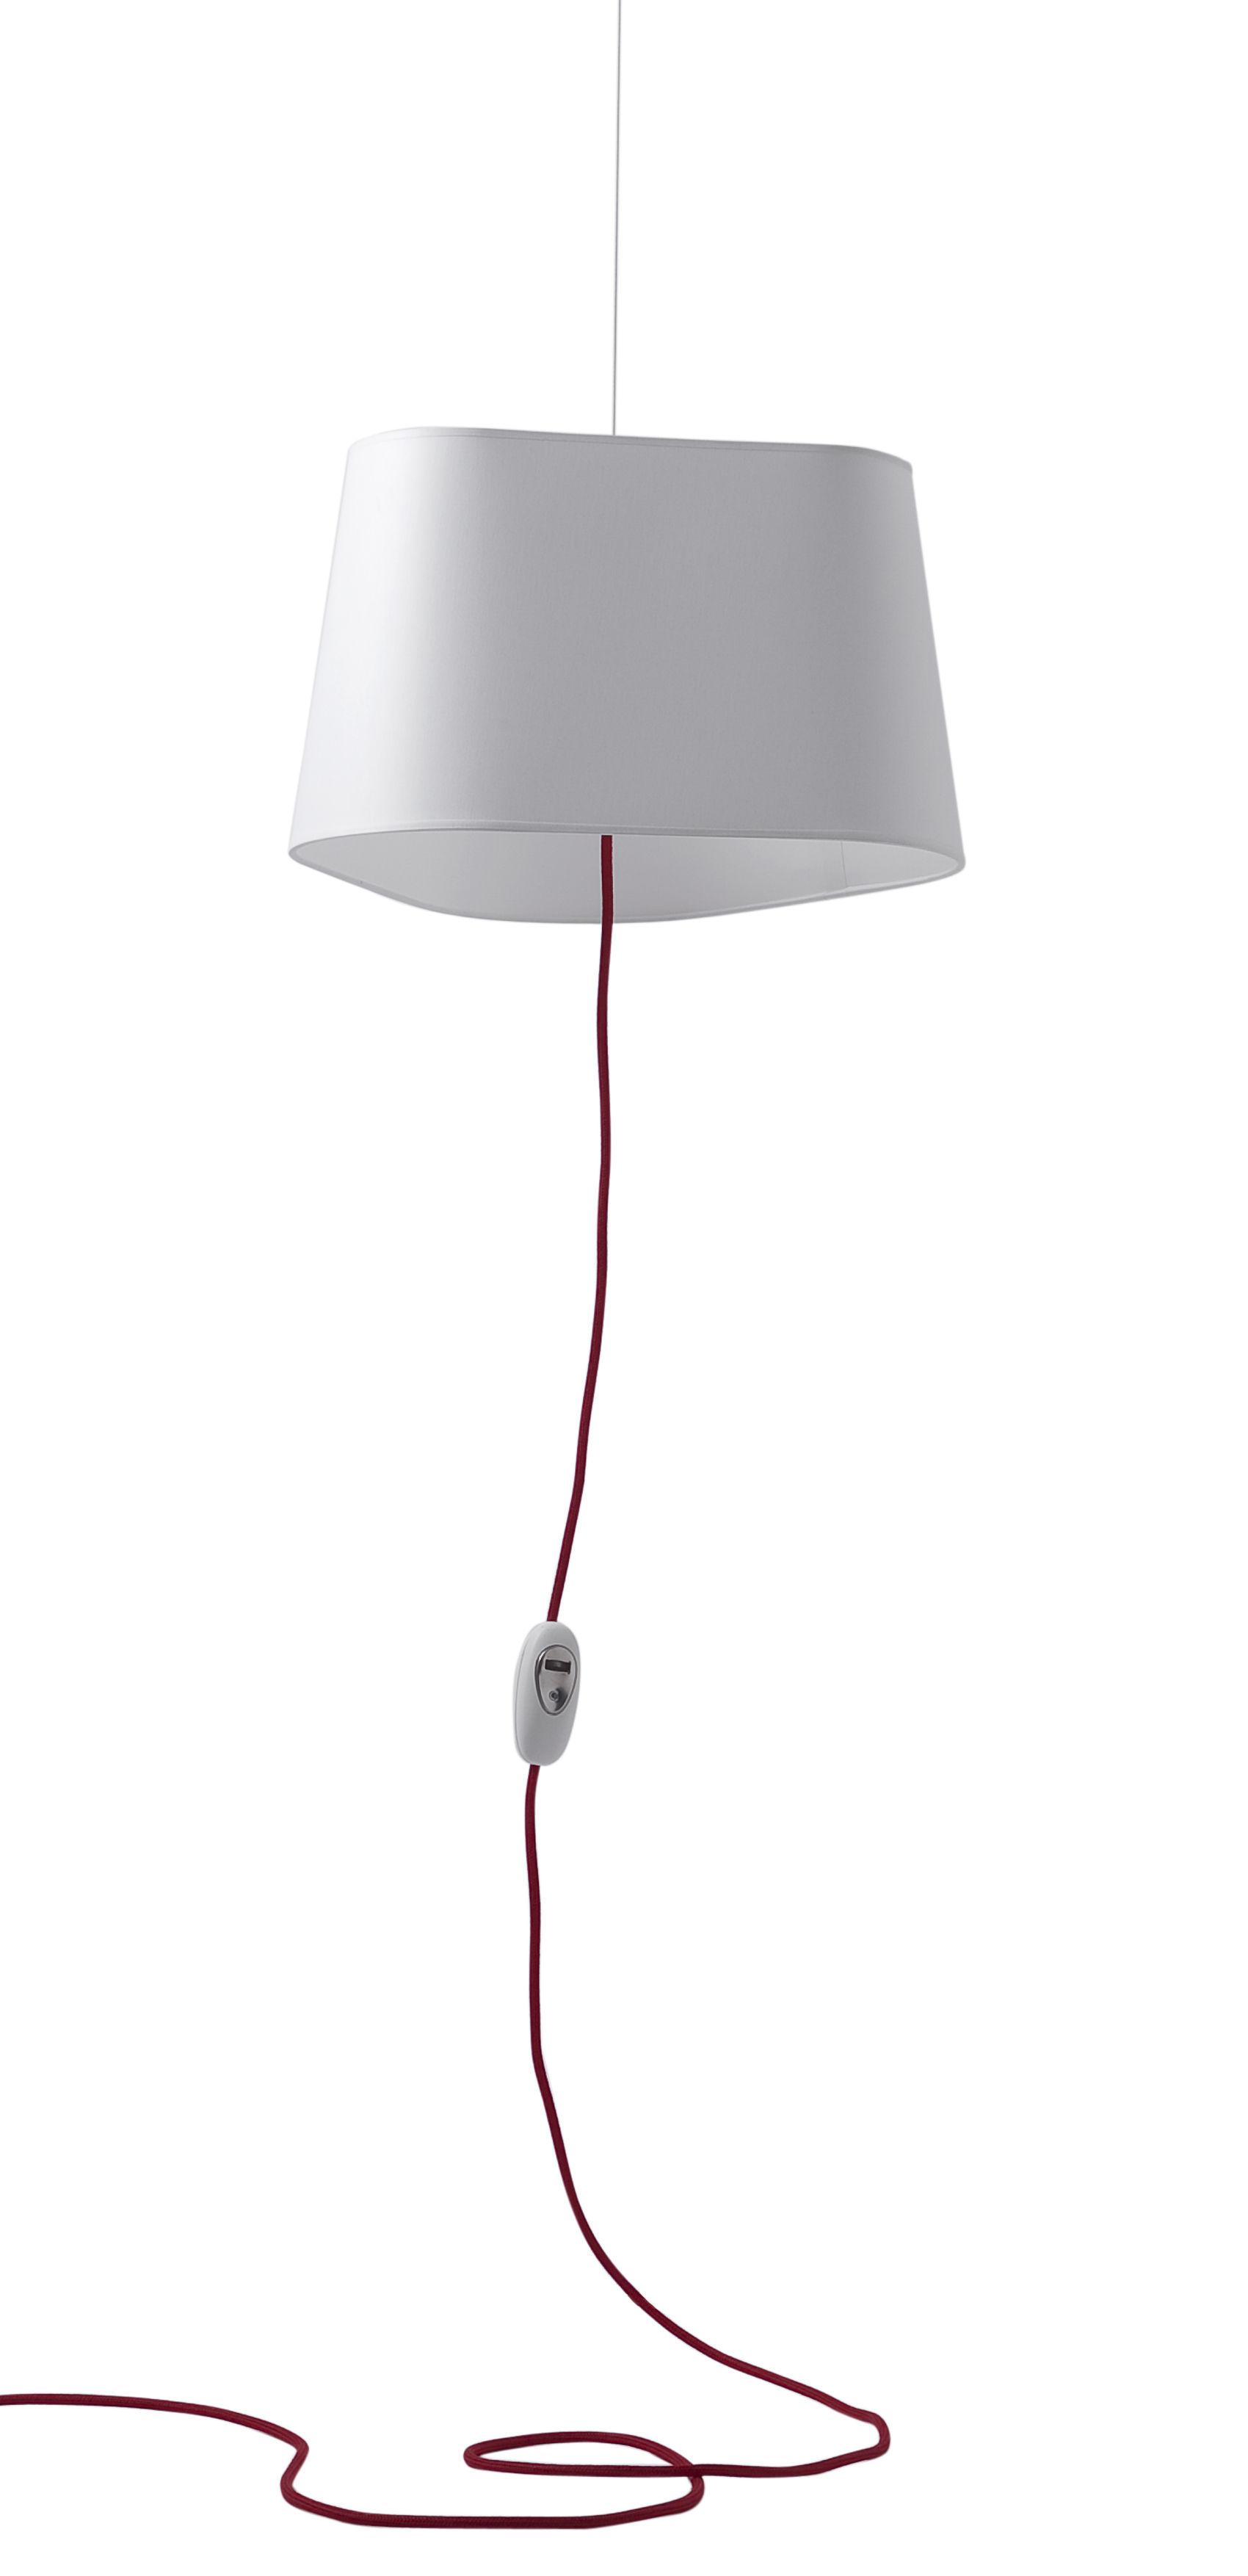 Leuchten - Pendelleuchten - Grand Nuage Pendelleuchte - Designheure - Weiß - Percaline-Baumwollgewebe - Baumwolle